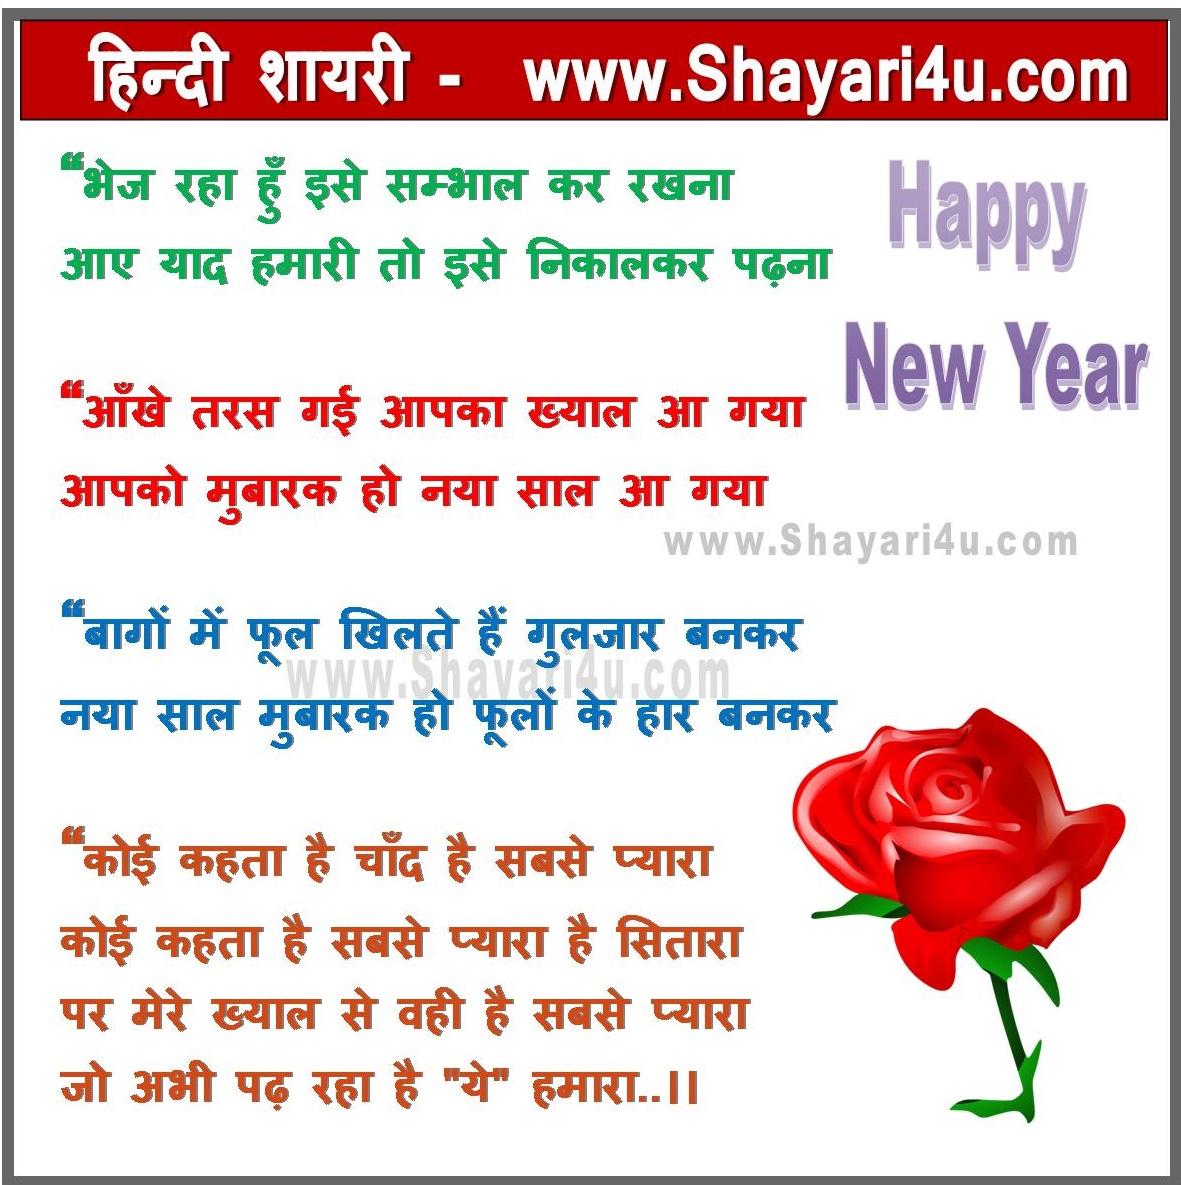 Happy New Year Card With Hindi Shayari Hindi Shayari